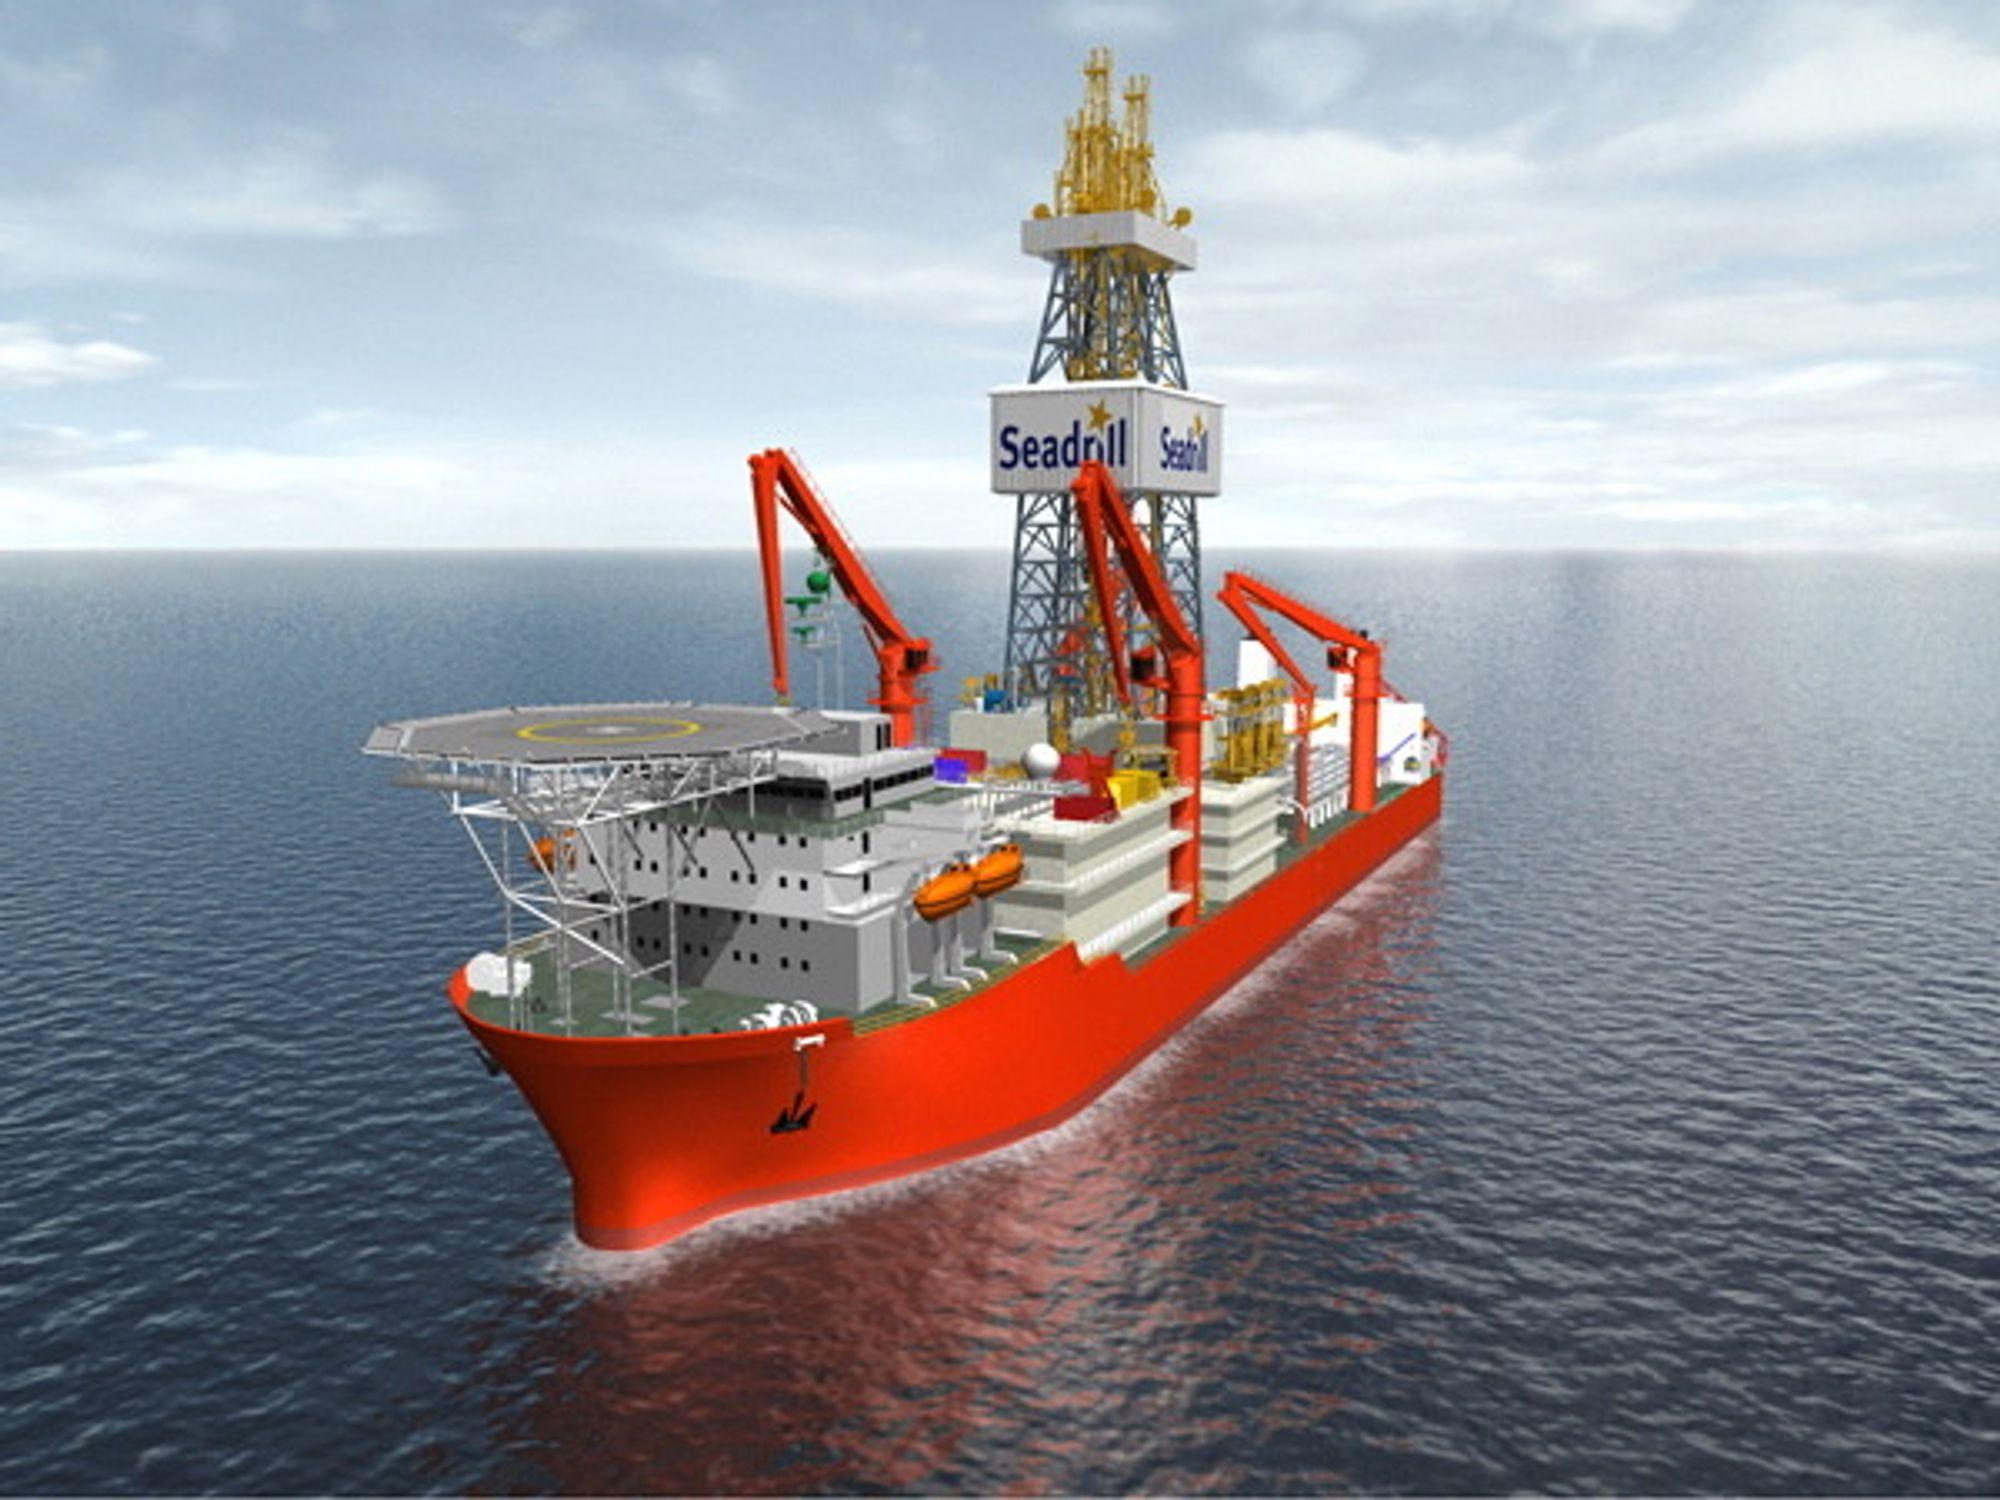 West Auriga er ett av tre boreskip som inngår i gigantkontrakten på rundt 24 milliarder kroner.